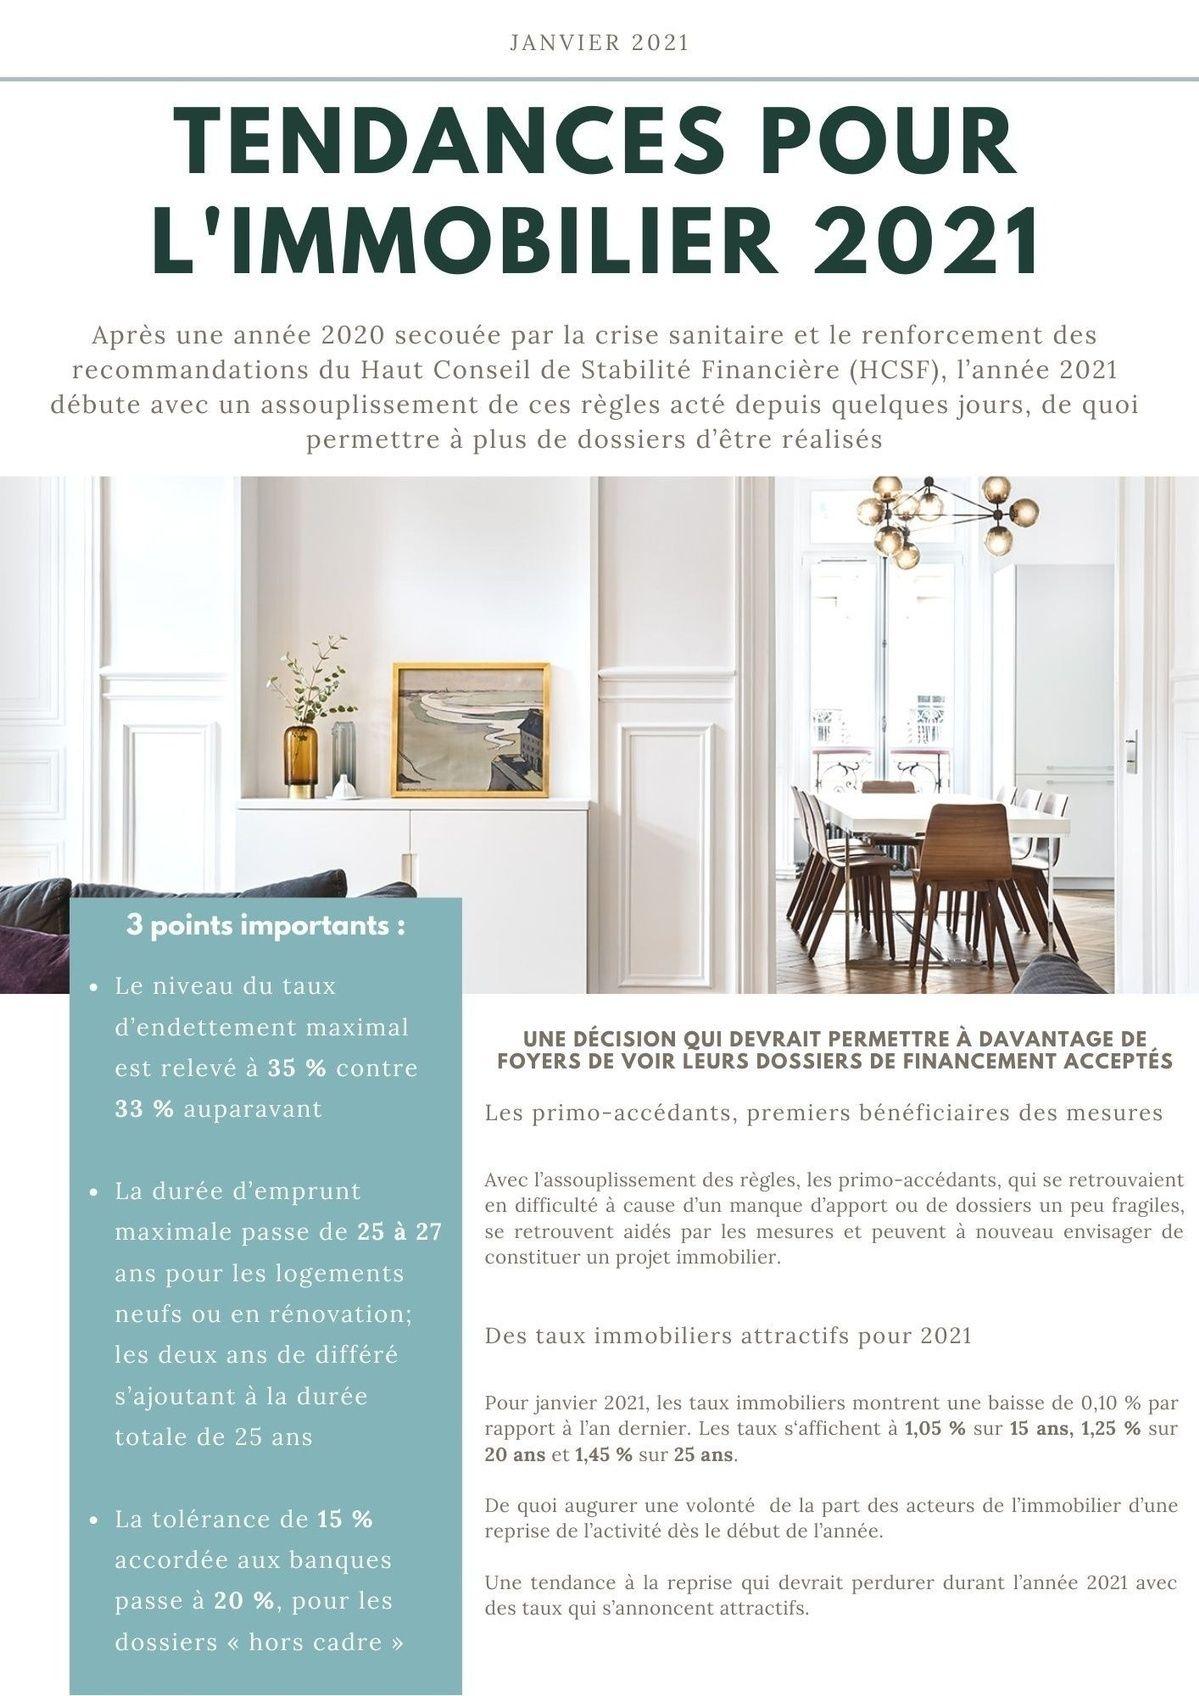 Tendance pour l'immobilier 2021